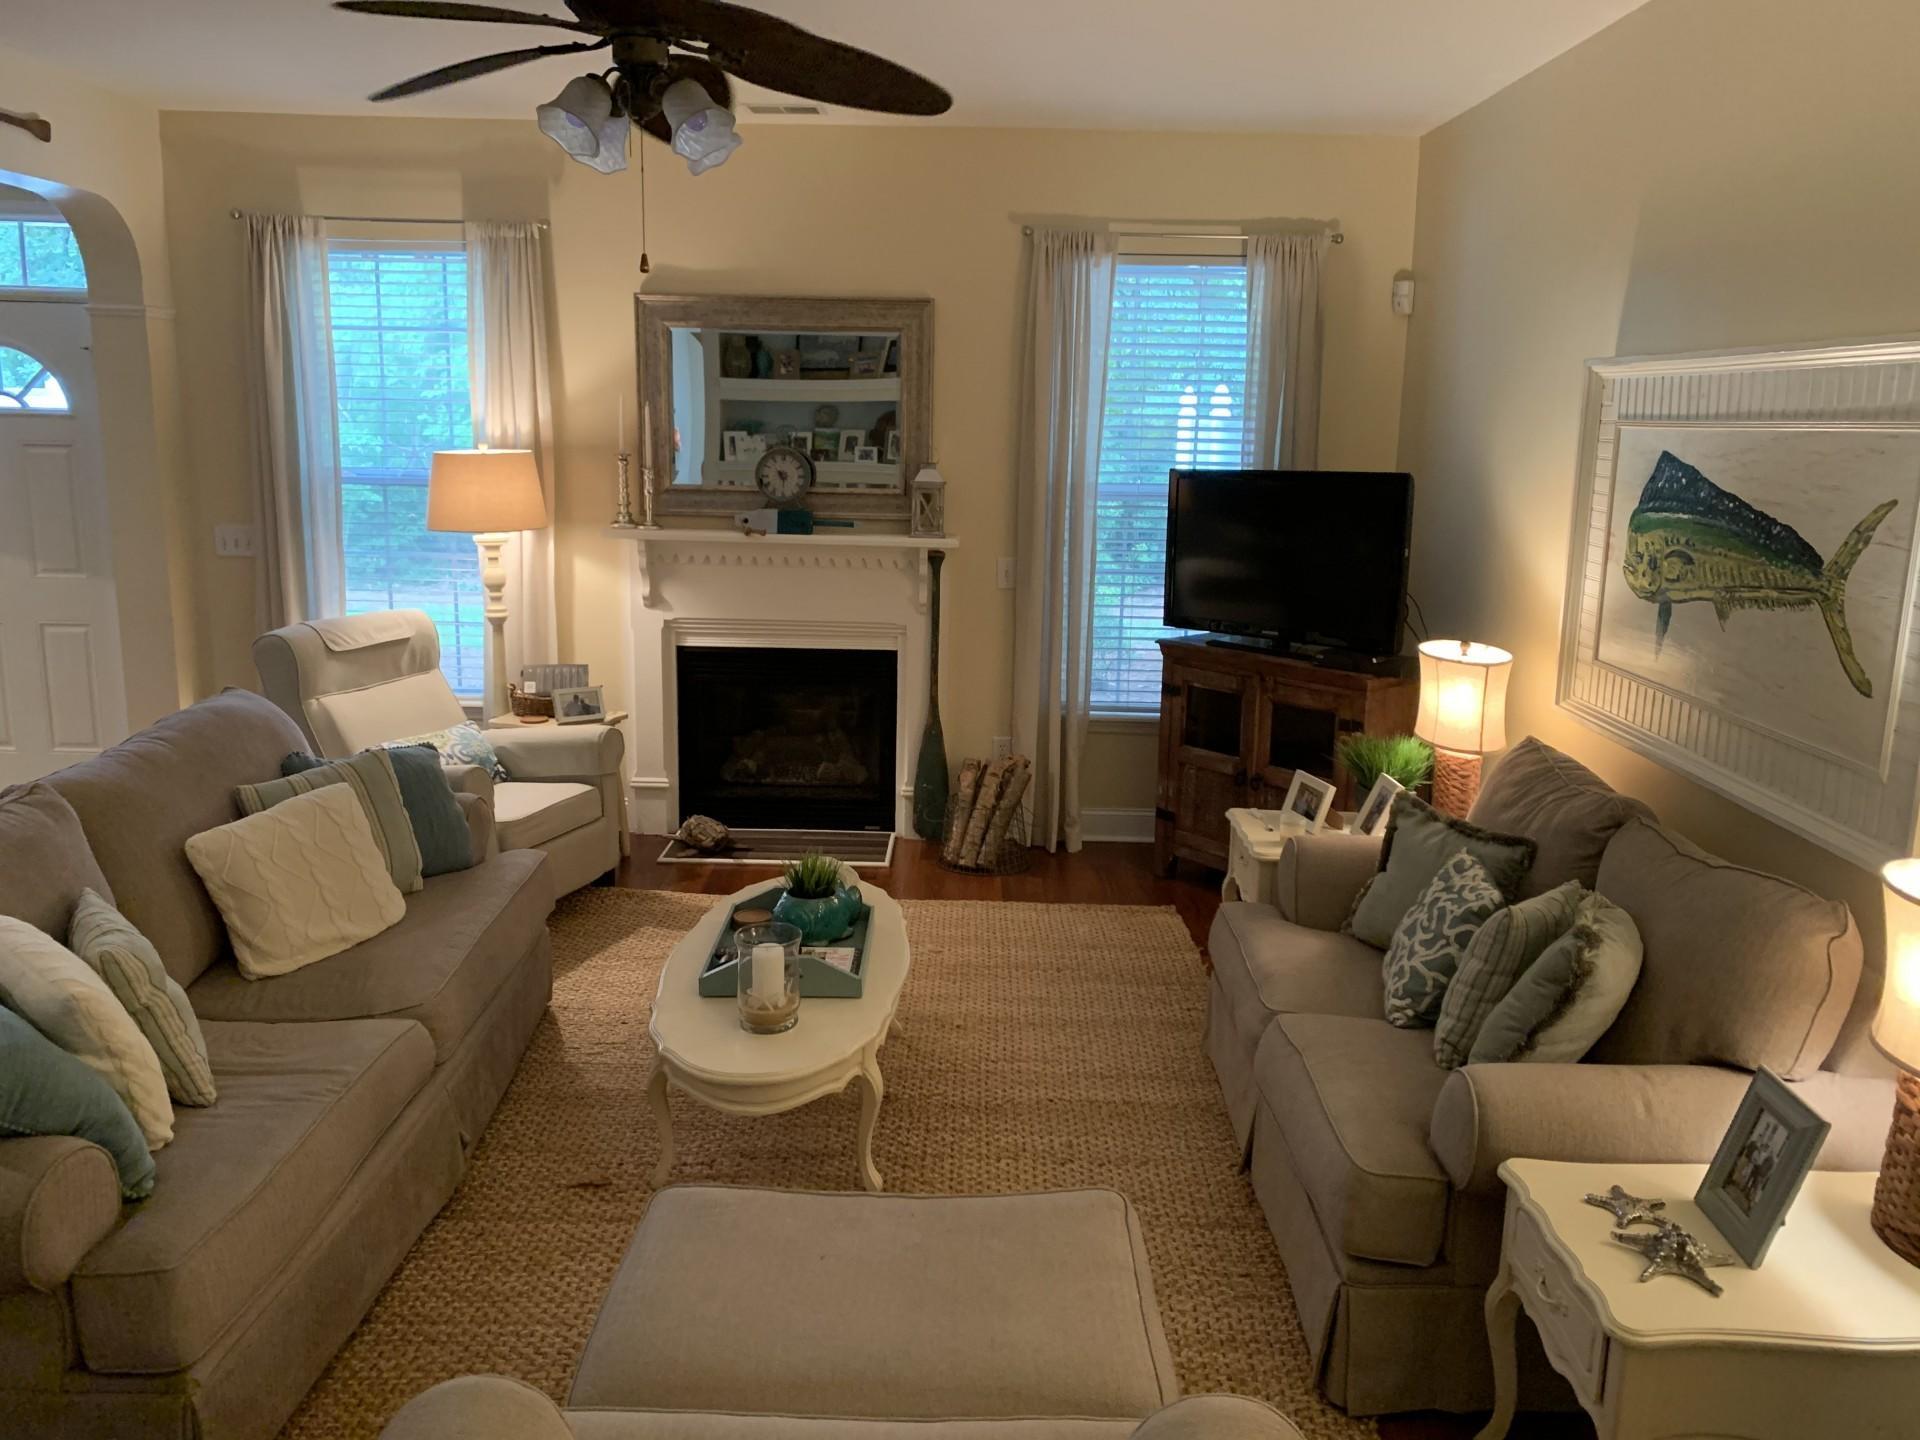 Park West Homes For Sale - 2455 Draymohr, Mount Pleasant, SC - 11